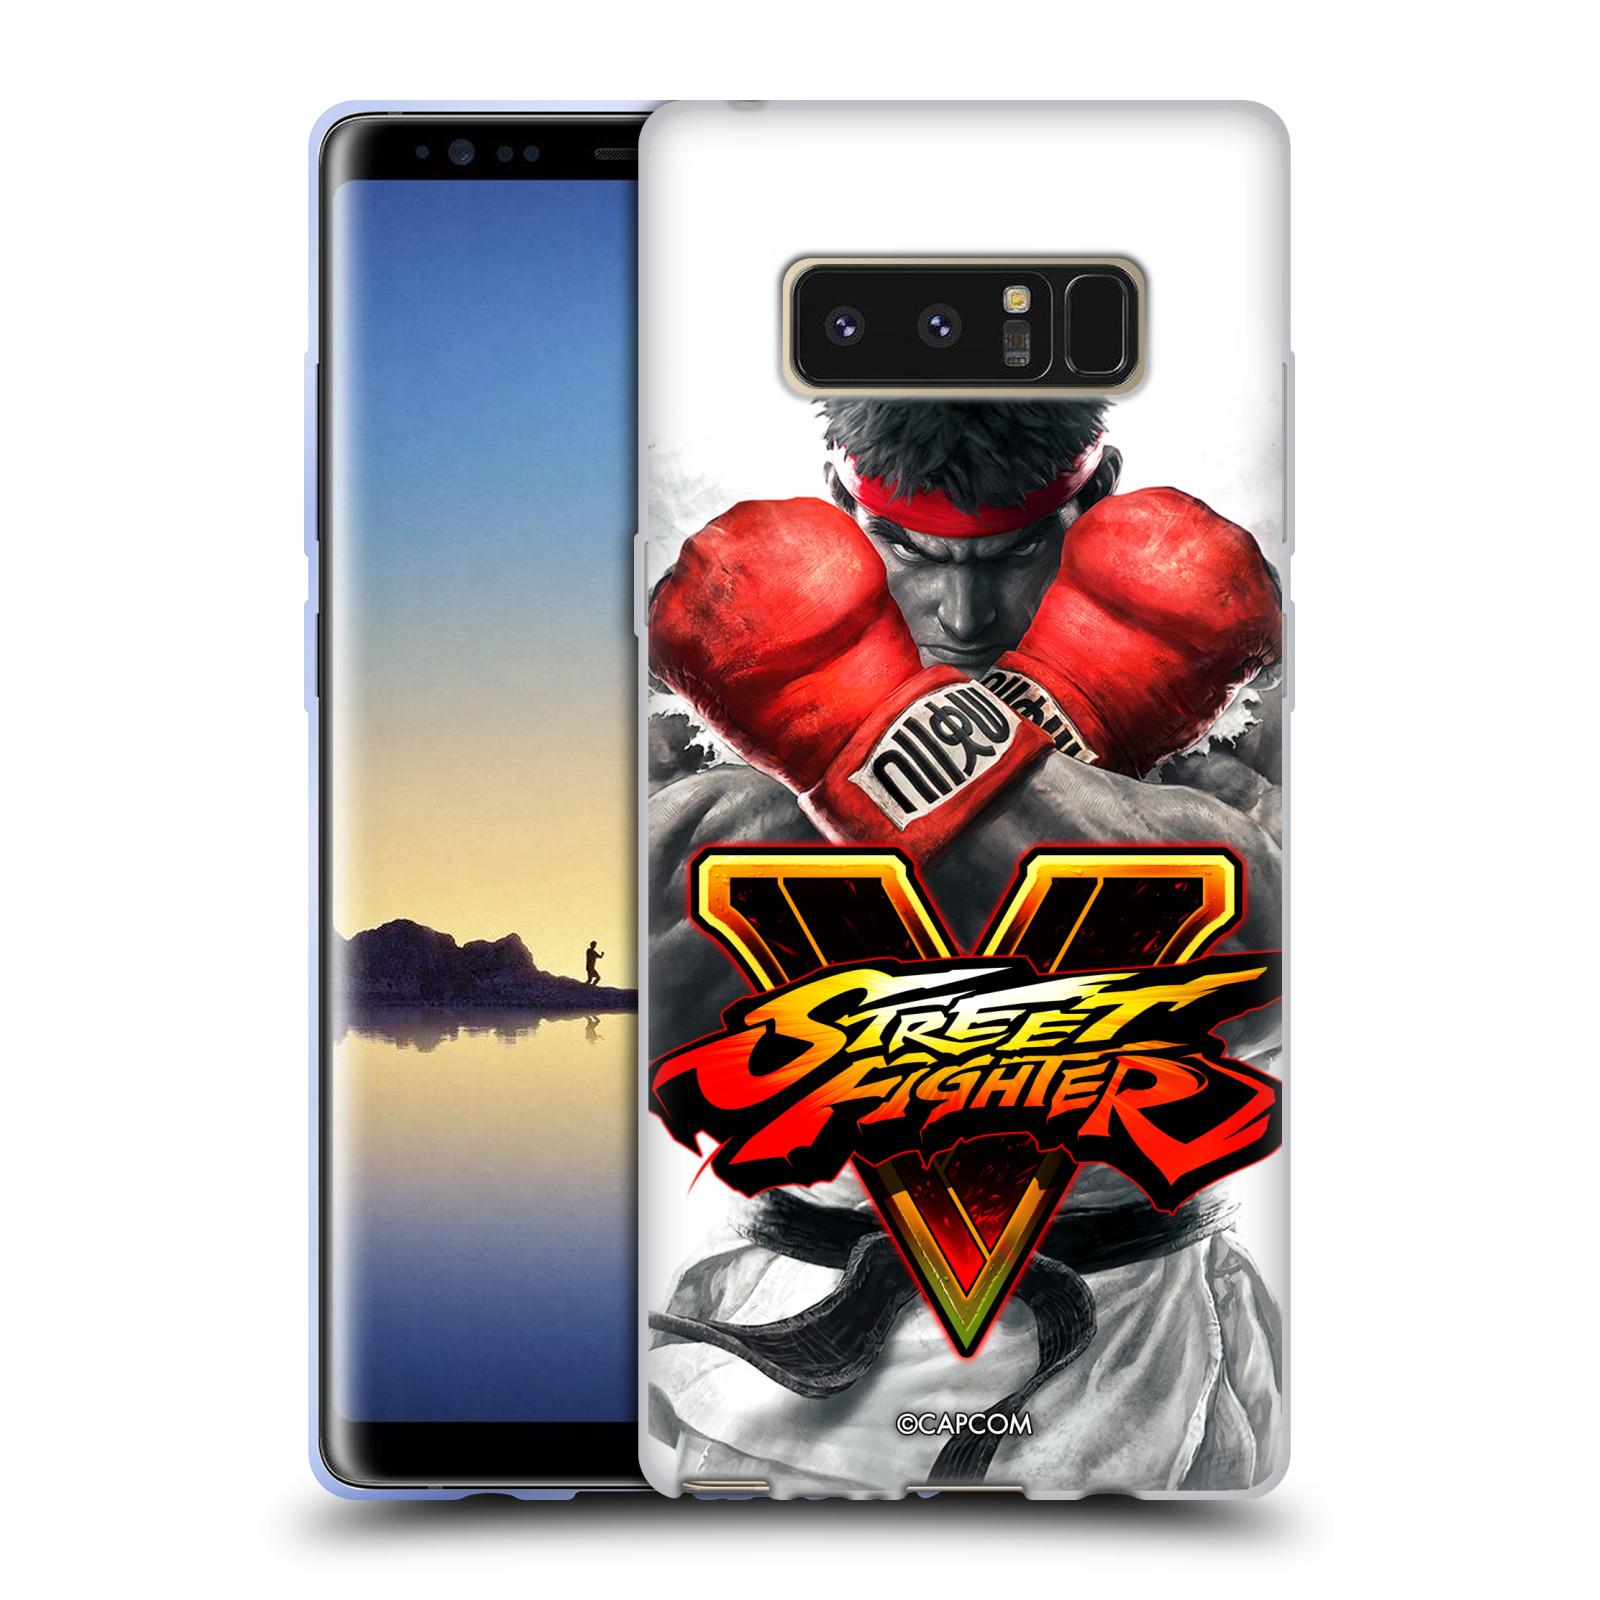 HEAD CASE silikonový obal na mobil Samsung Galaxy Note 8 oficiální kryt STREET FIGHTER Boxer Ryu